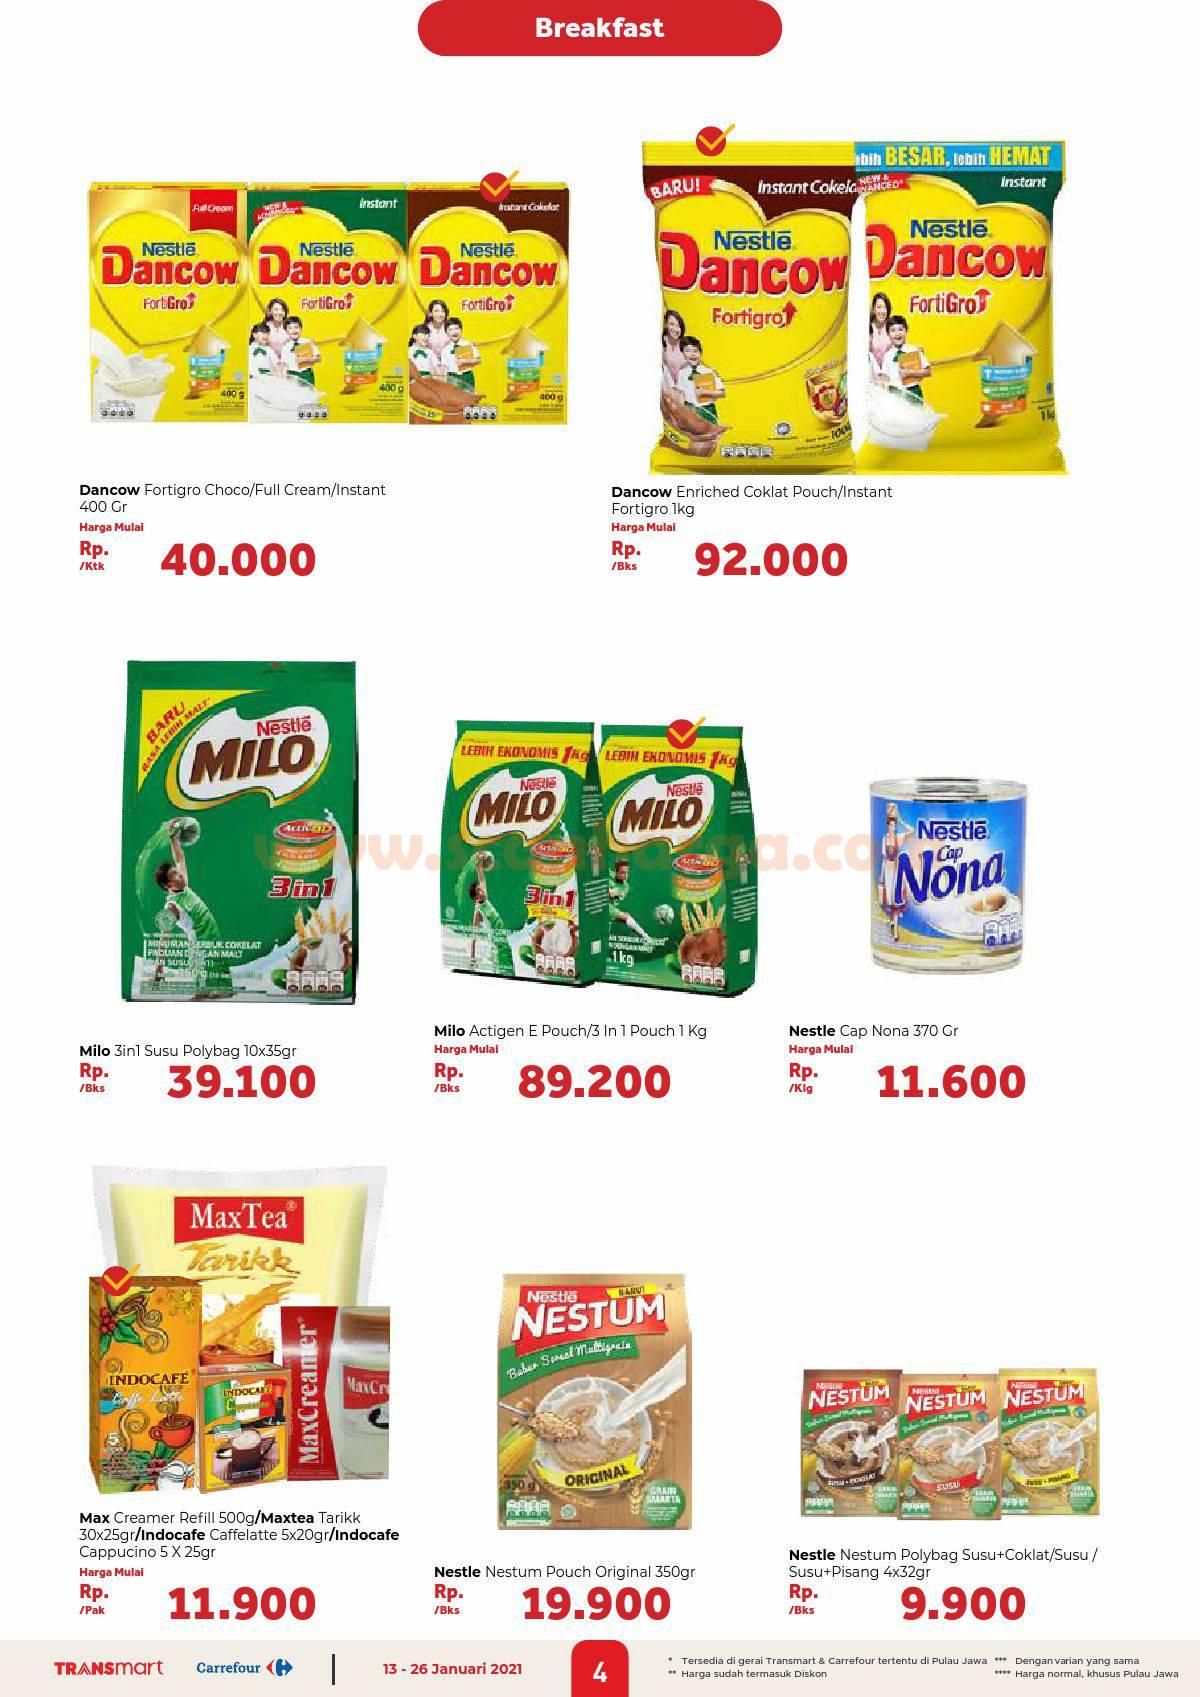 Katalog Promo Carrefour Transmart 13 - 26 Januari 2021 4